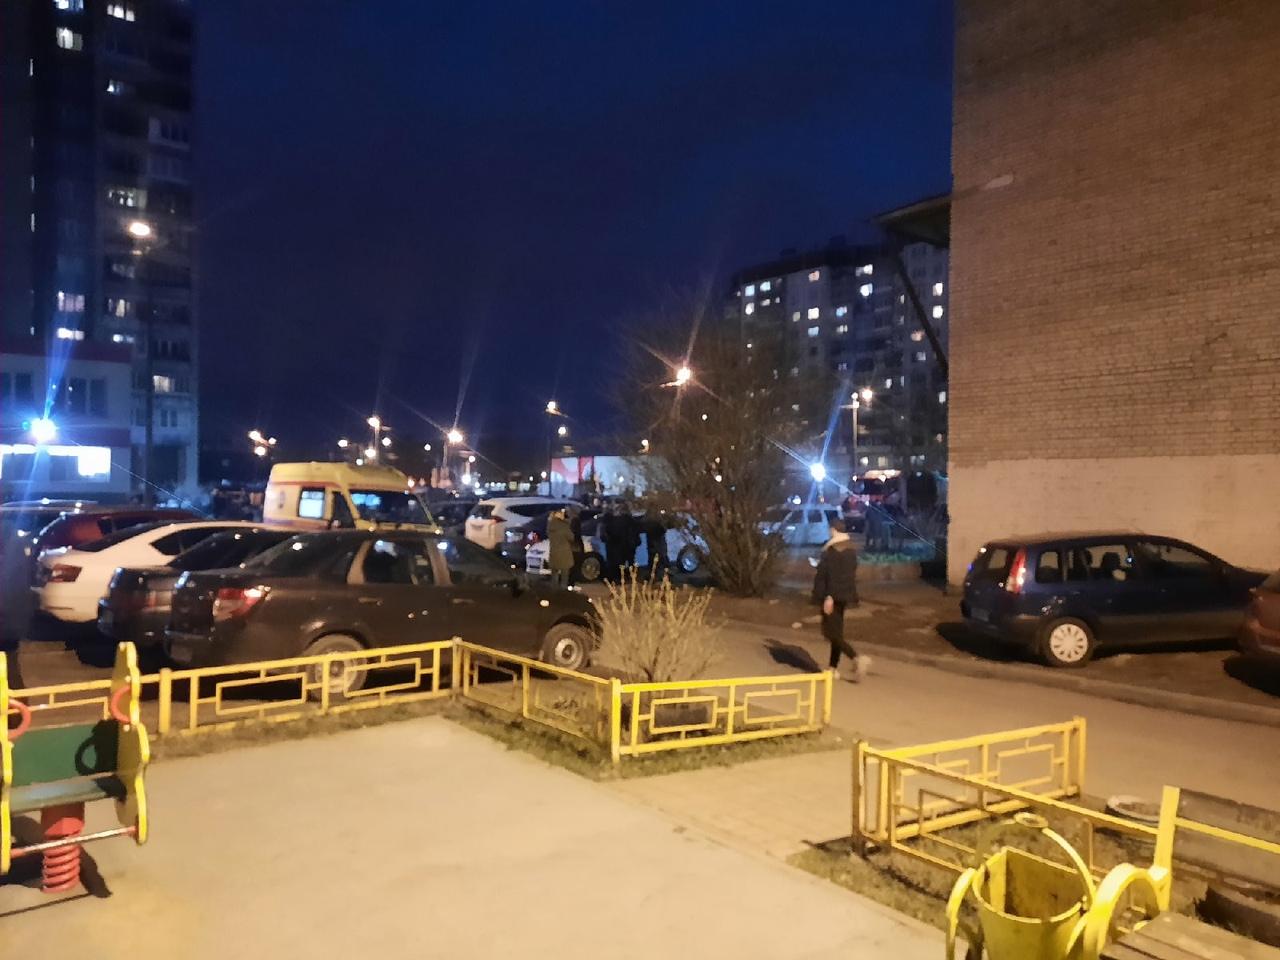 22 апреля в 20:58 на телефон МЧС поступило сообщение о пожаре по адресу: улица Жени Егоровой, д.3, к...